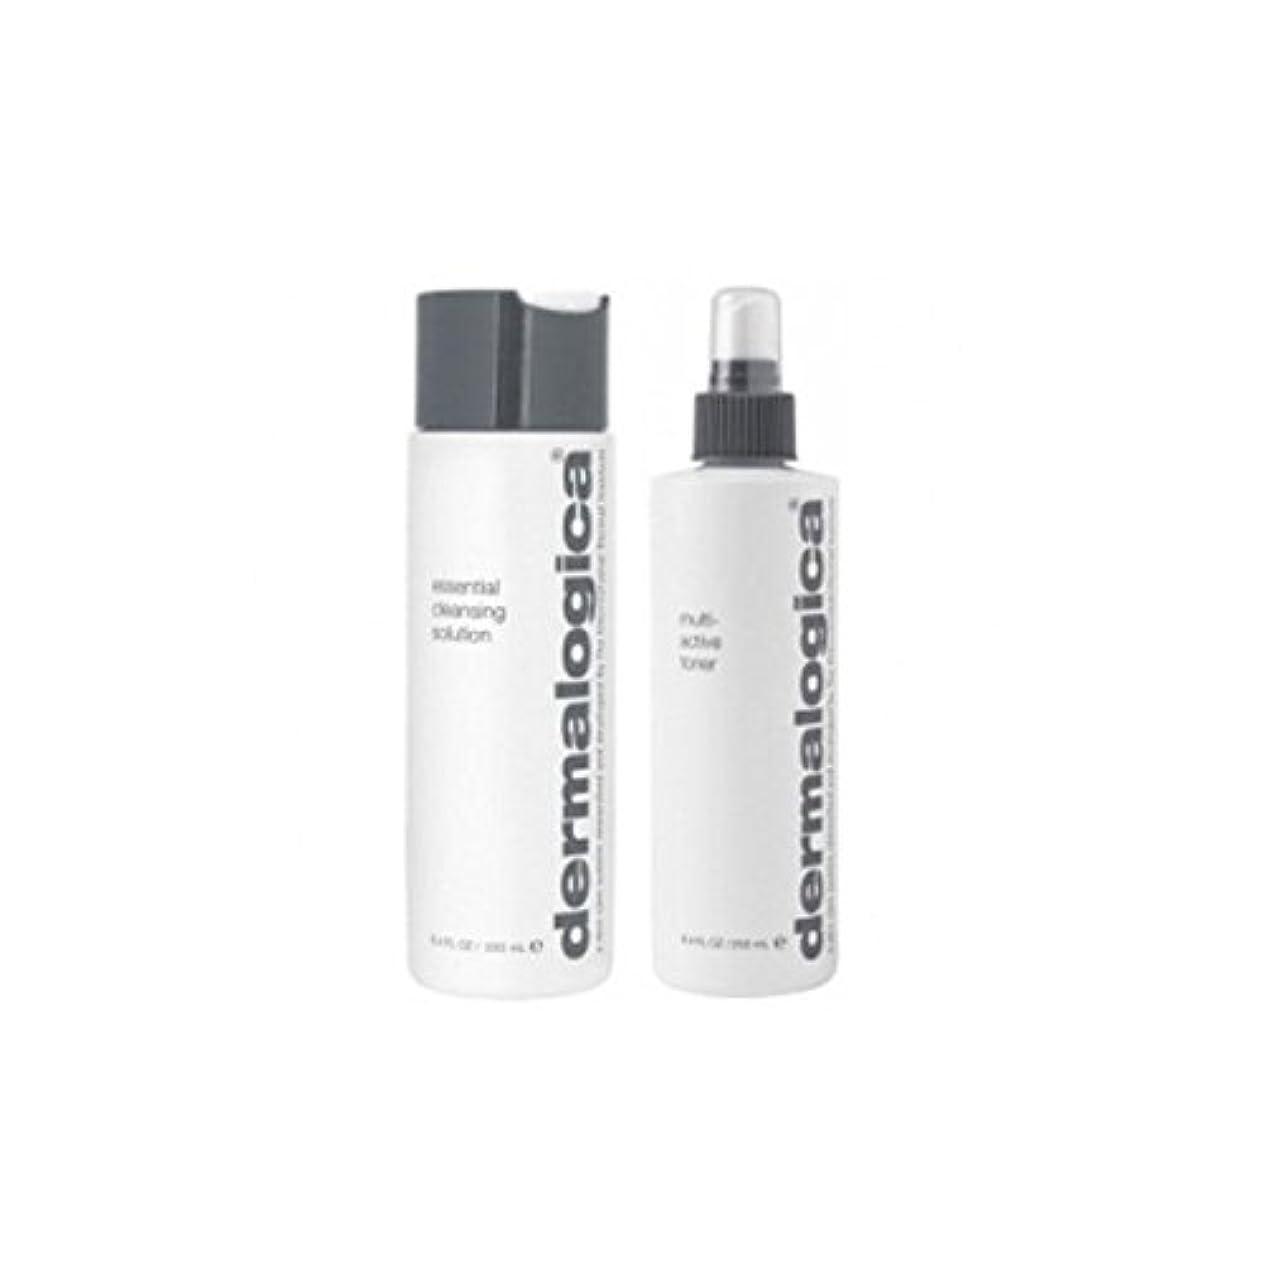 ハブチャートブラジャーDermalogica Cleanse & Tone Duo - Dry Skin (Pack of 6) - ダーマロジカクレンジング&トーンデュオ - 乾燥肌 x6 [並行輸入品]